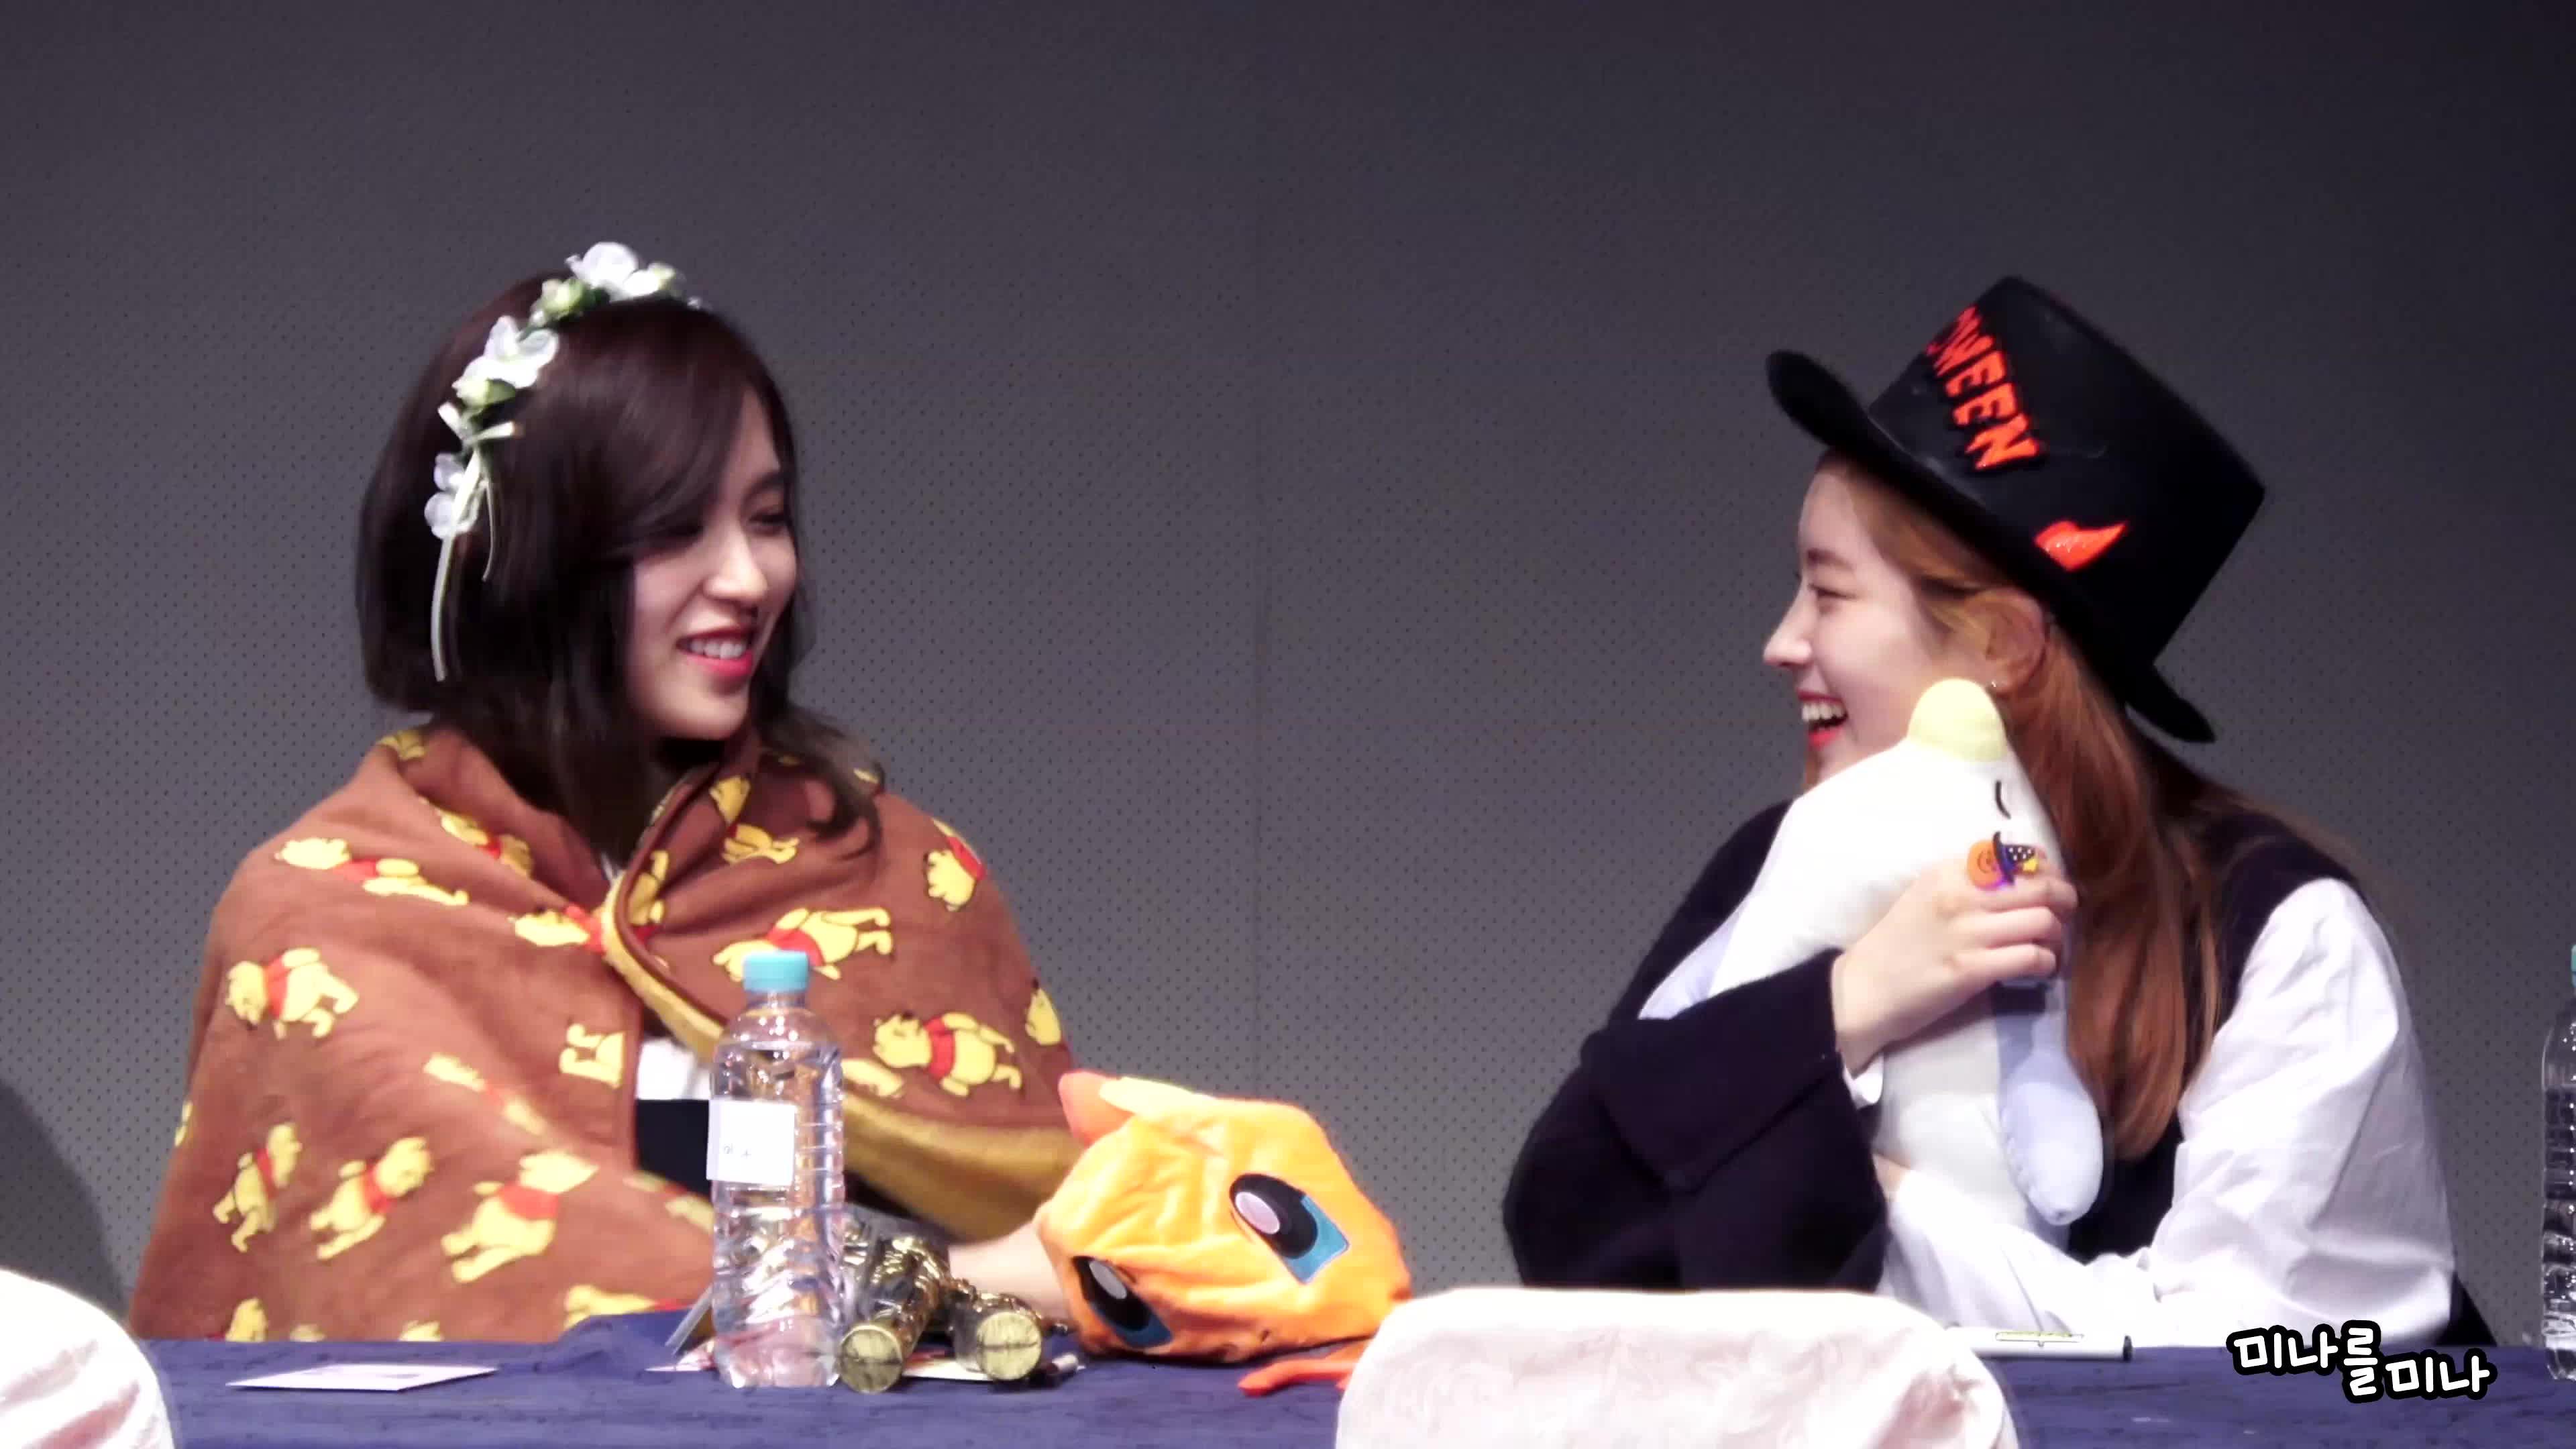 kpics, Mina and Dahyun GIFs